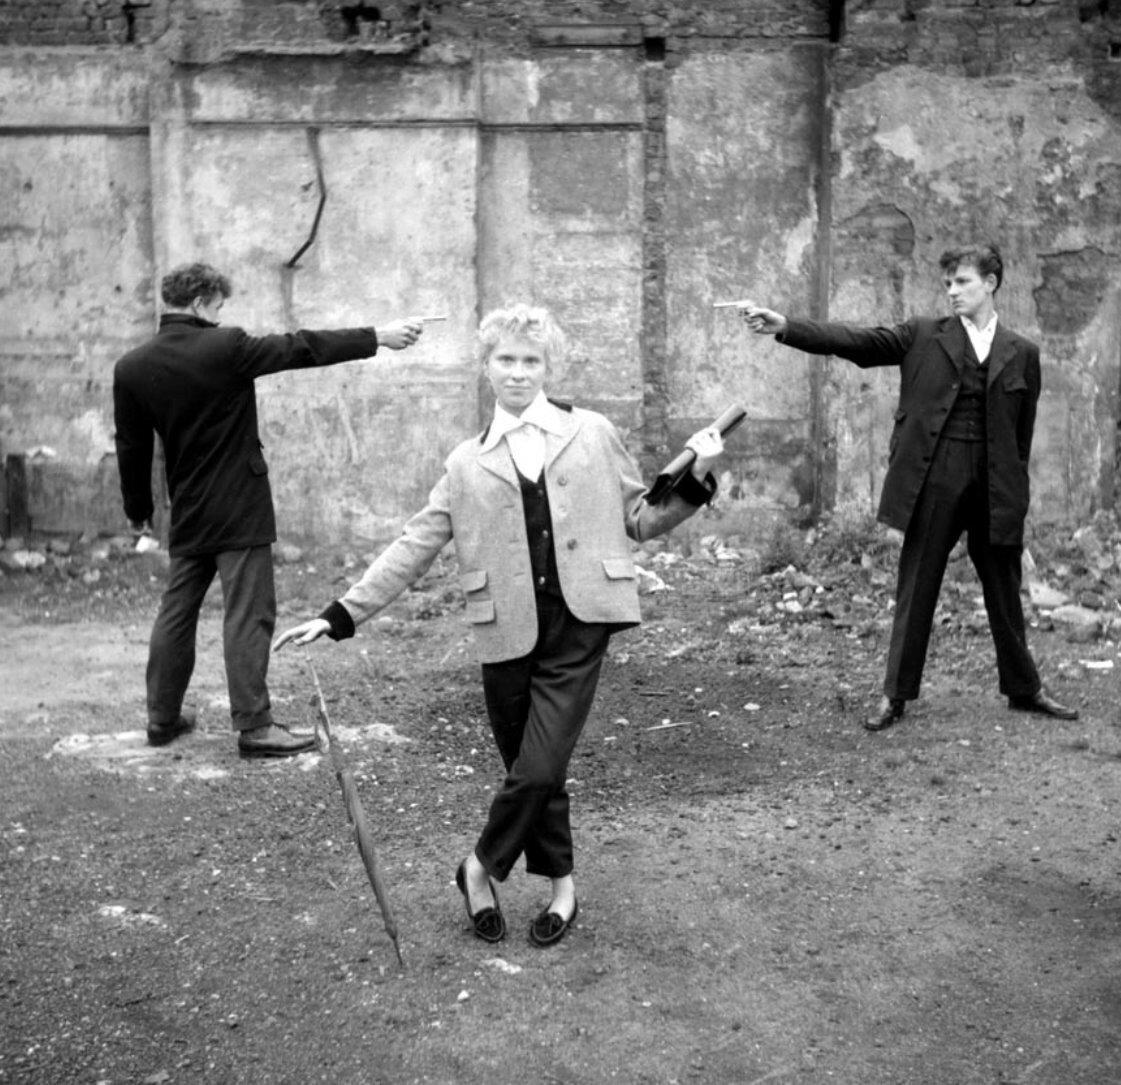 Шестнадцатилетняя Айлин из Бефал Грин с двумя тедди-боями в разрушенном Ист-Энде